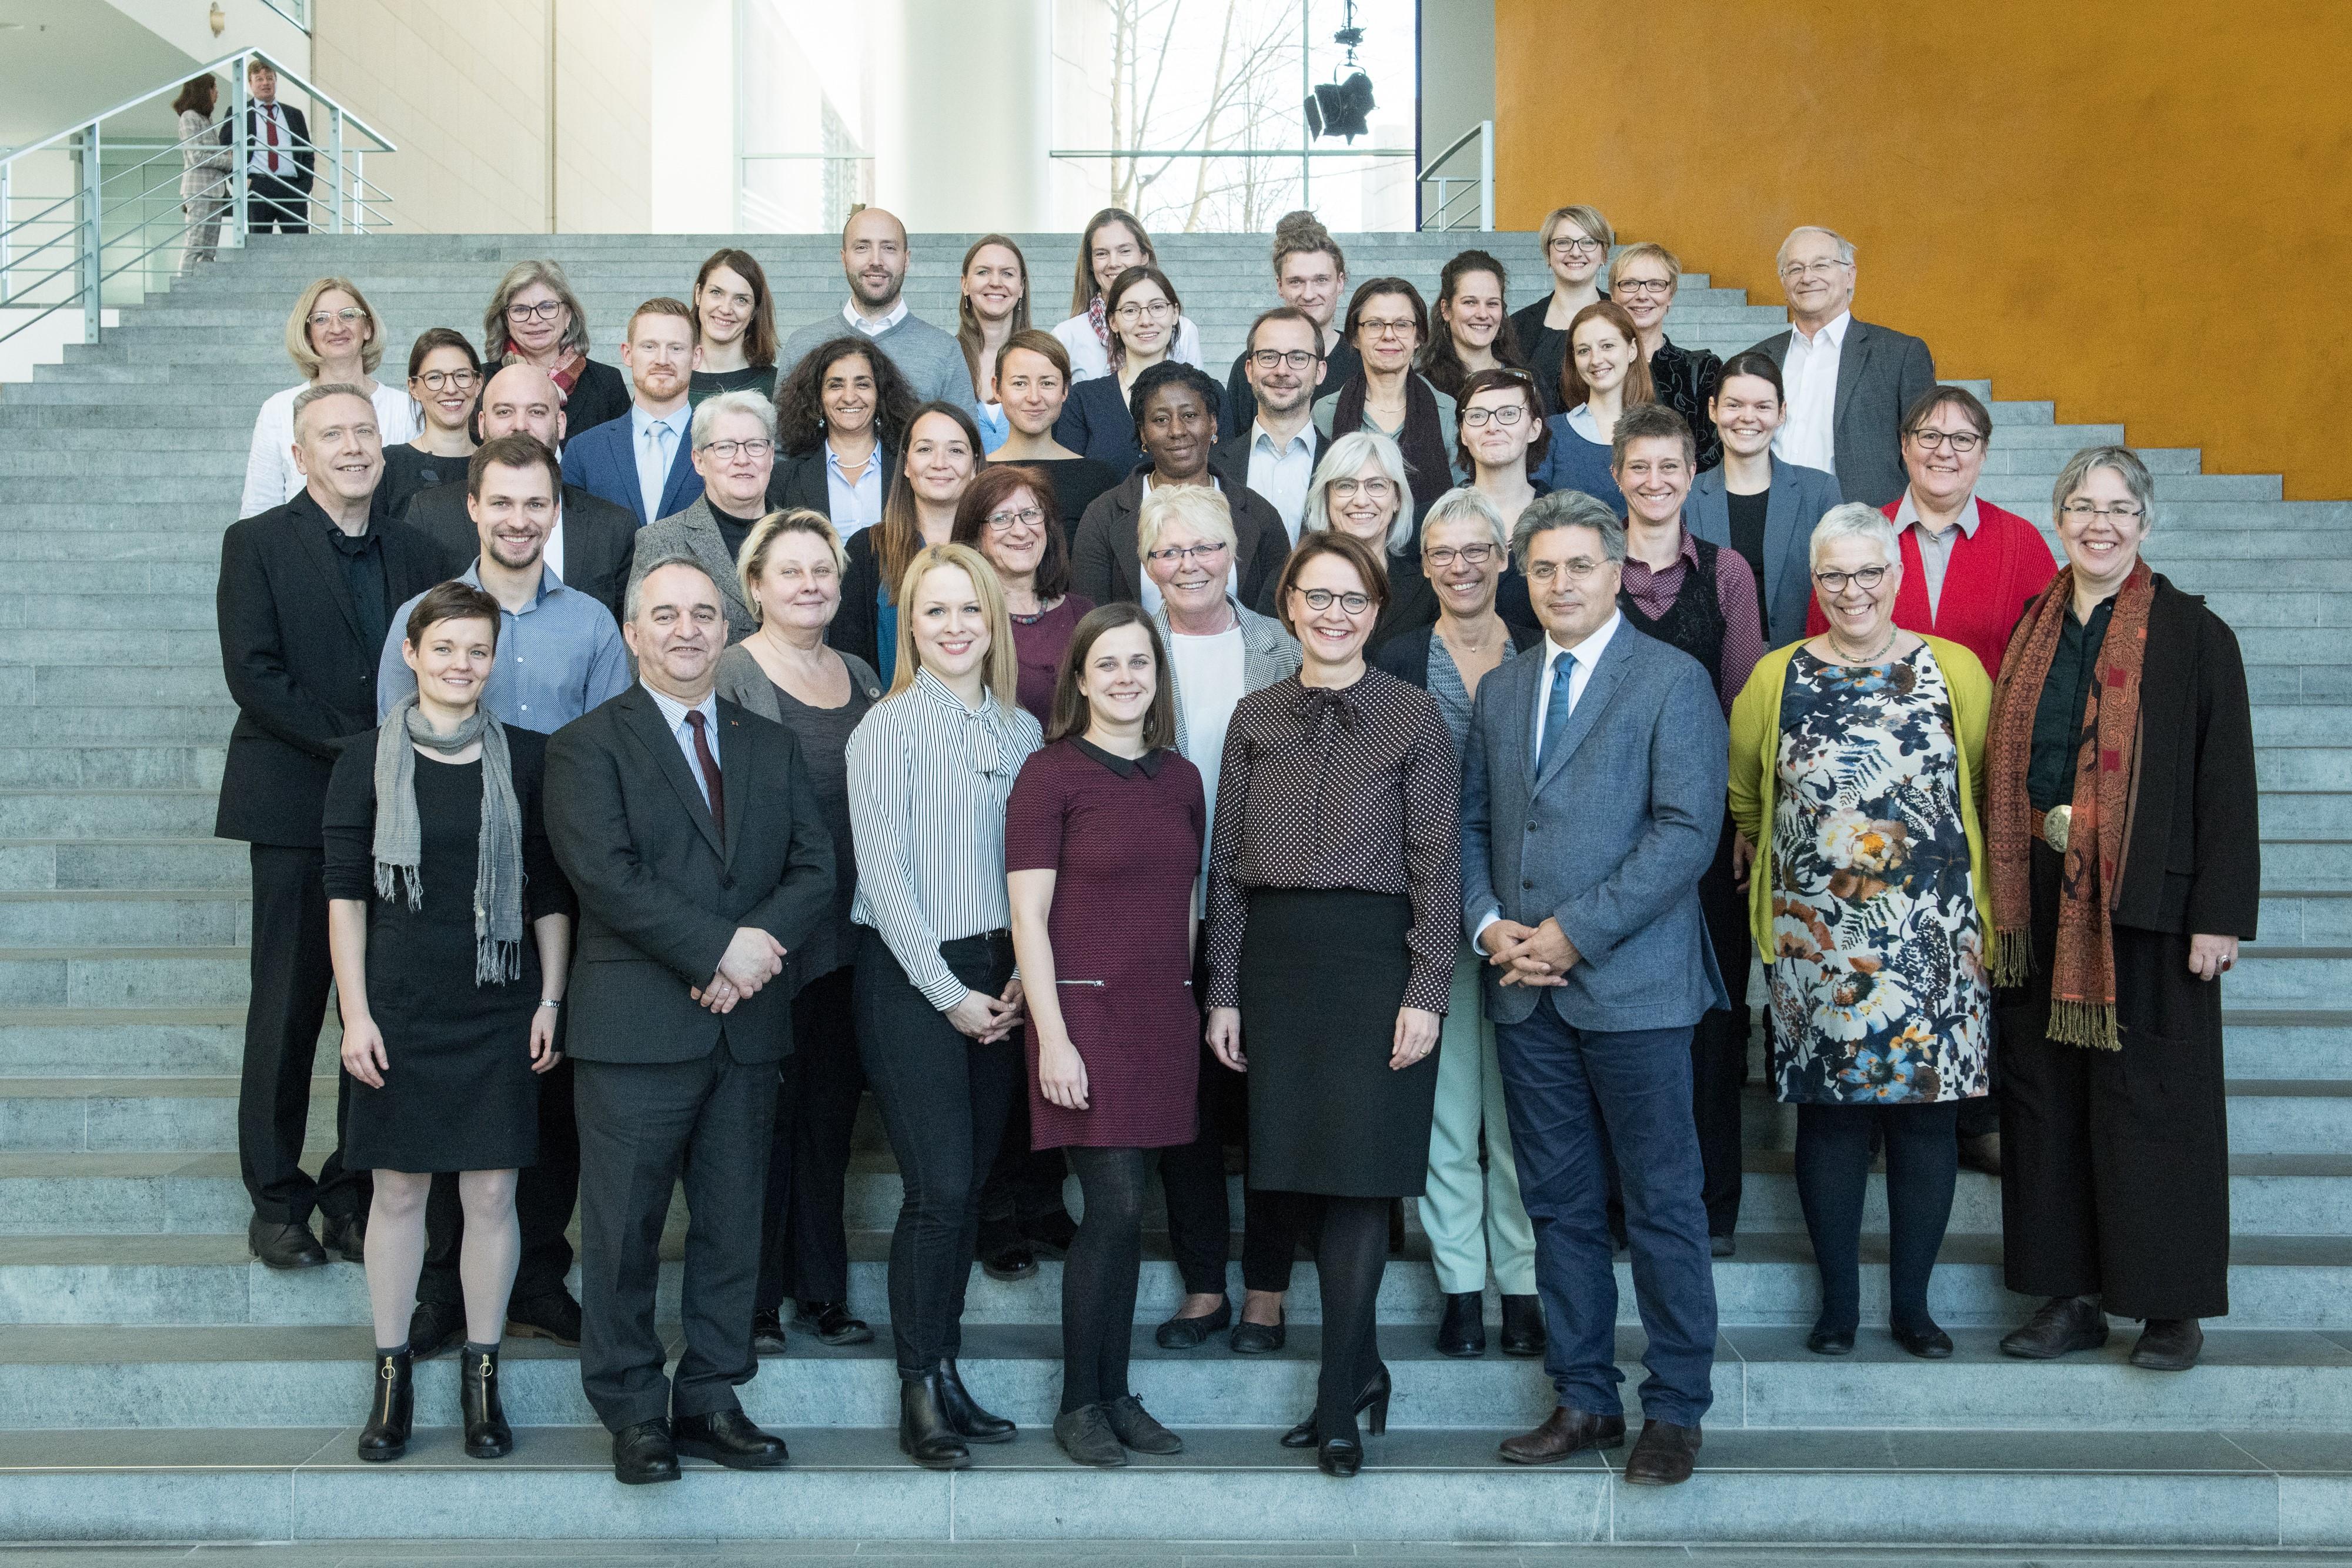 Das Bild zeigt die Teilnehmerinnen und Teilnehmer des Fachgesprächs zur Gewaltprävention am 27. Februar 2019 im Bundeskanzleramt Berlin.